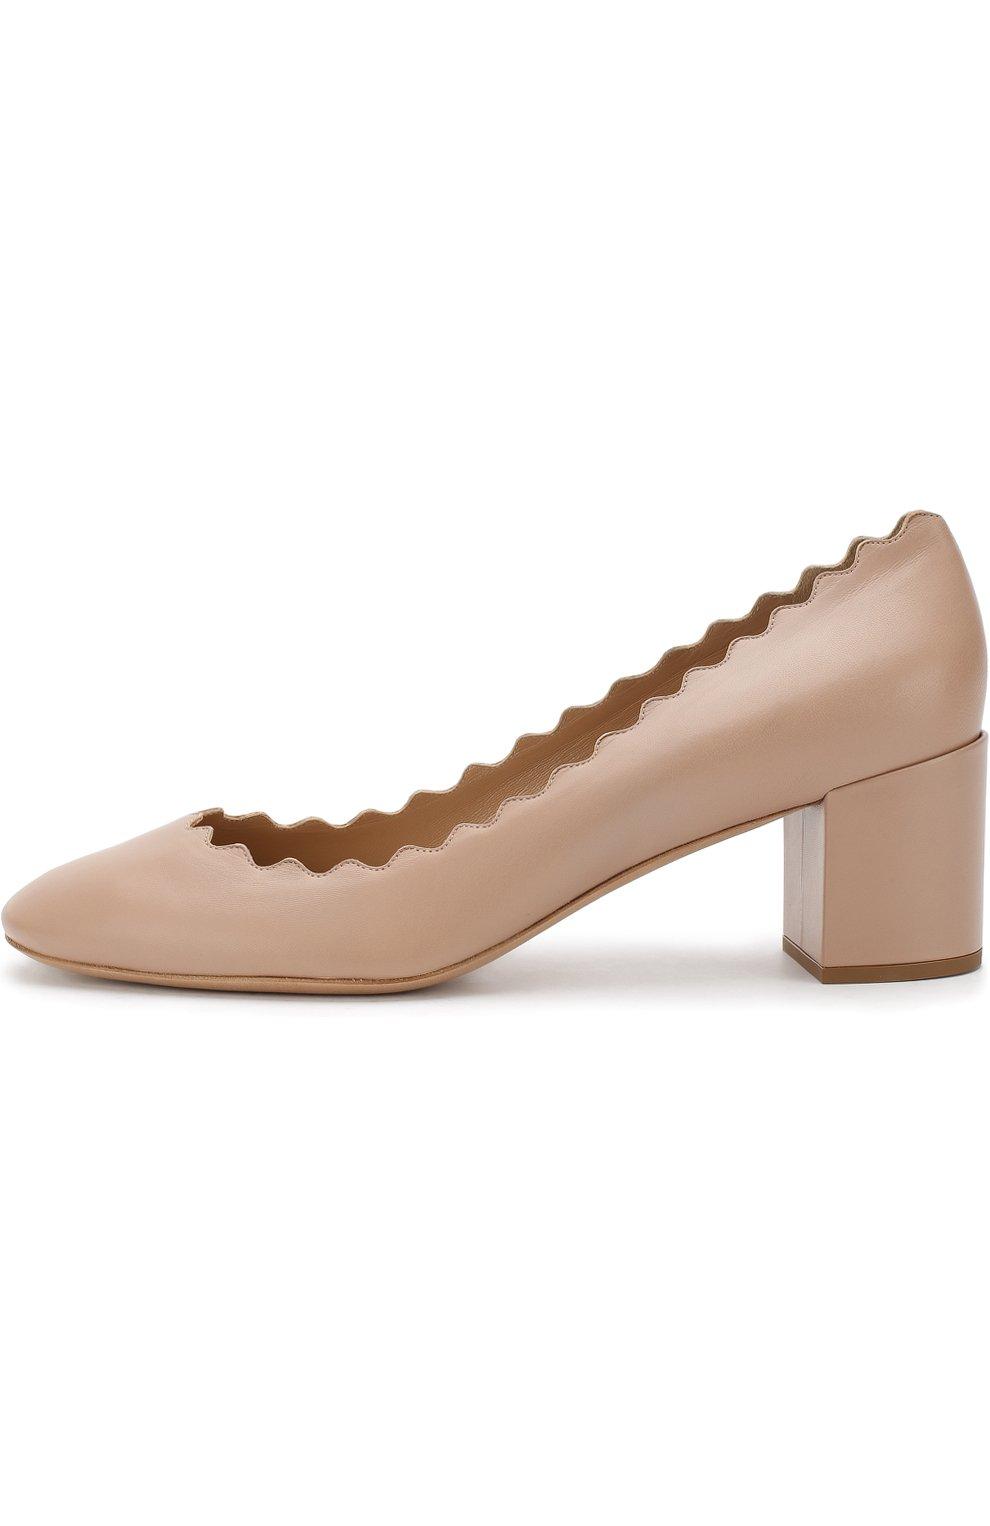 Женские кожаные туфли lauren с фигурным вырезом CHLOÉ бежевого цвета, арт. CHC16A23075   Фото 3